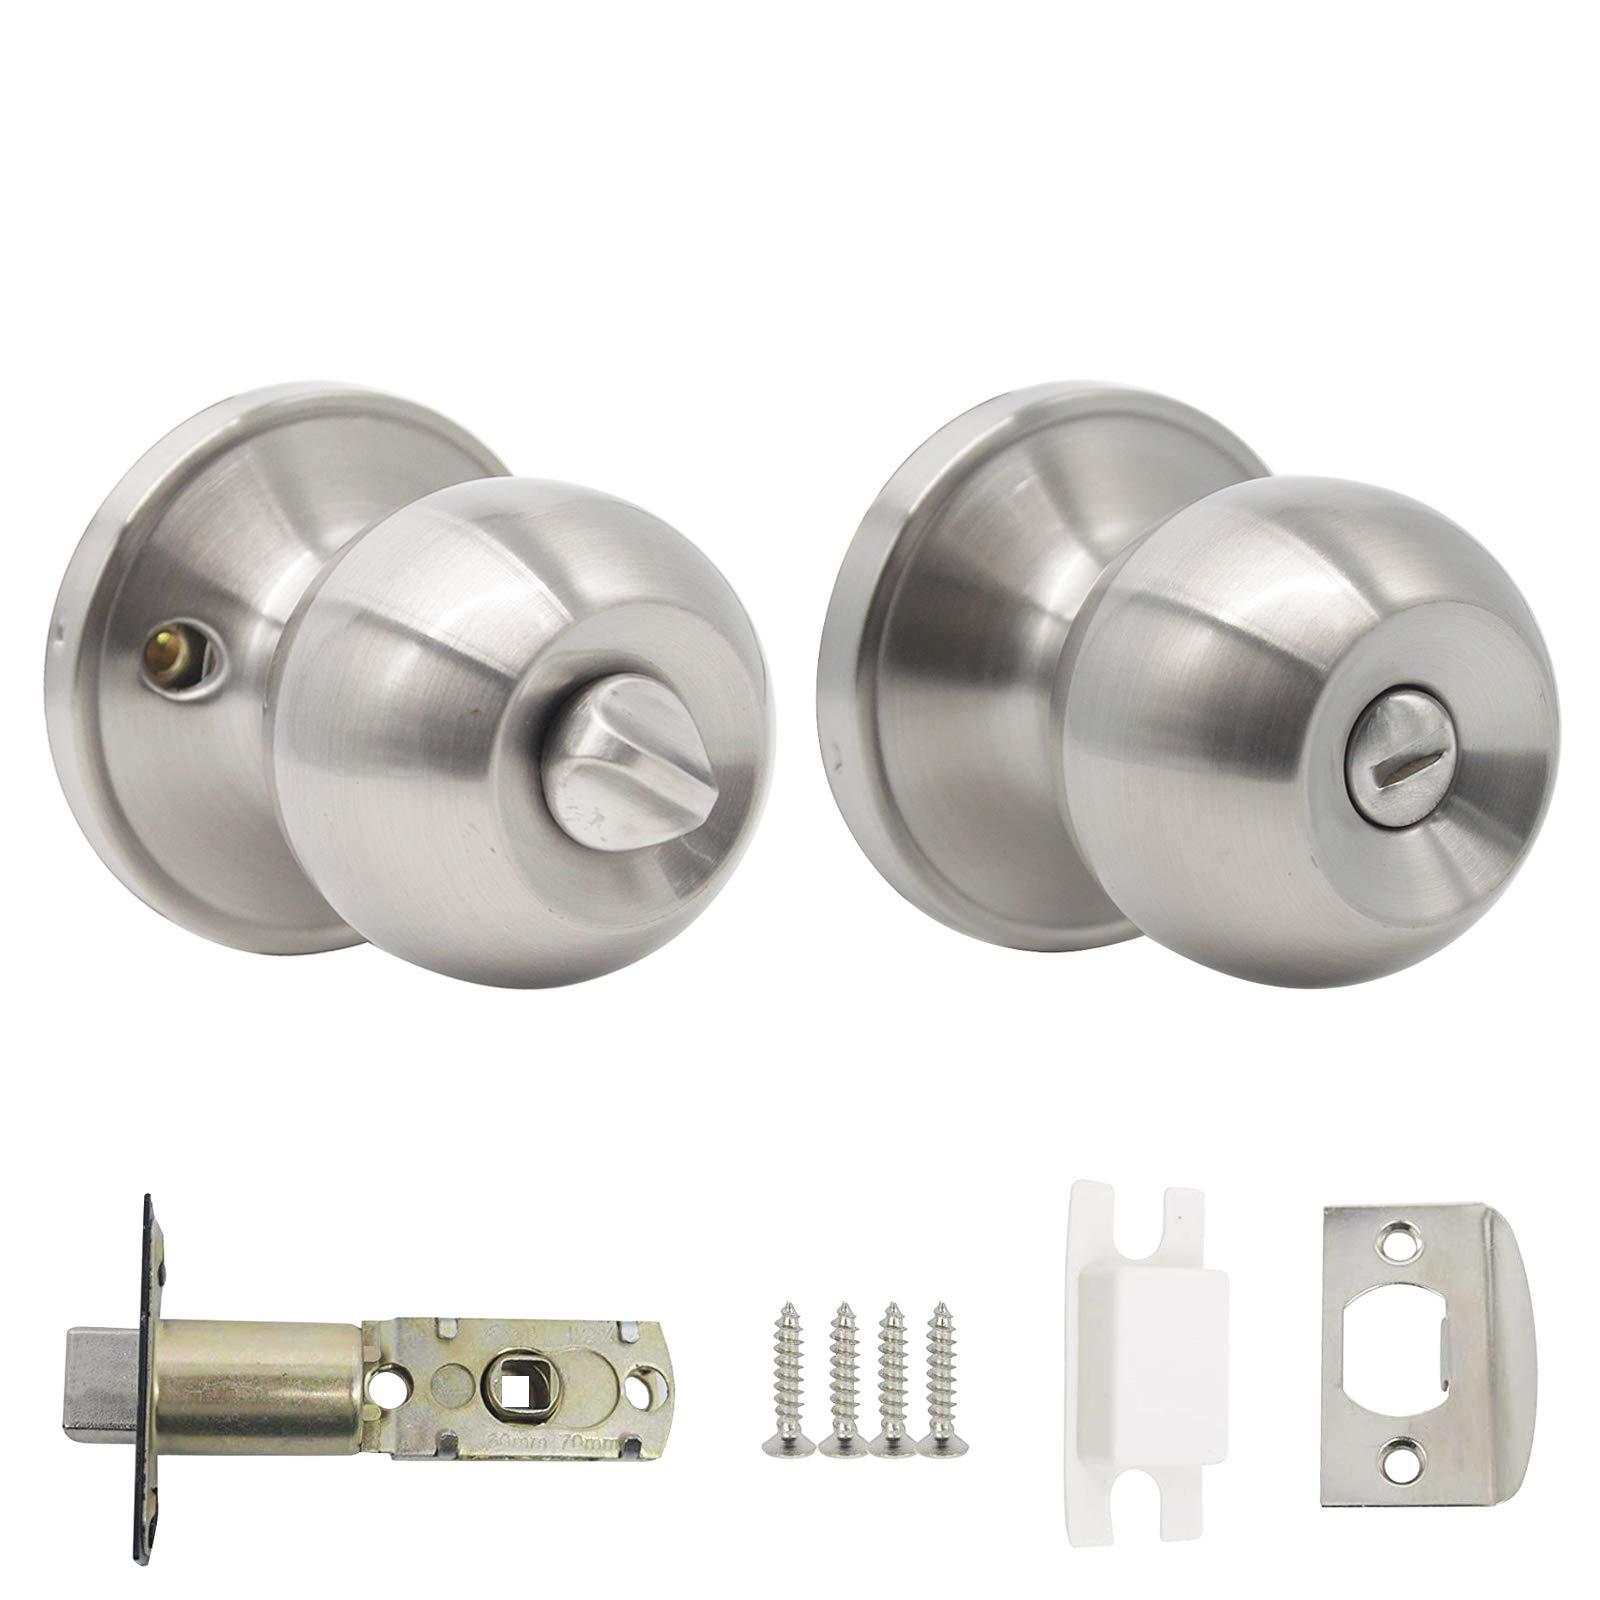 Probrico Interior Privacy Door Knob for Bedroom Stainless Steel Bathroom  Door Handle Round Door Lock Set Without Key Satin Nickel